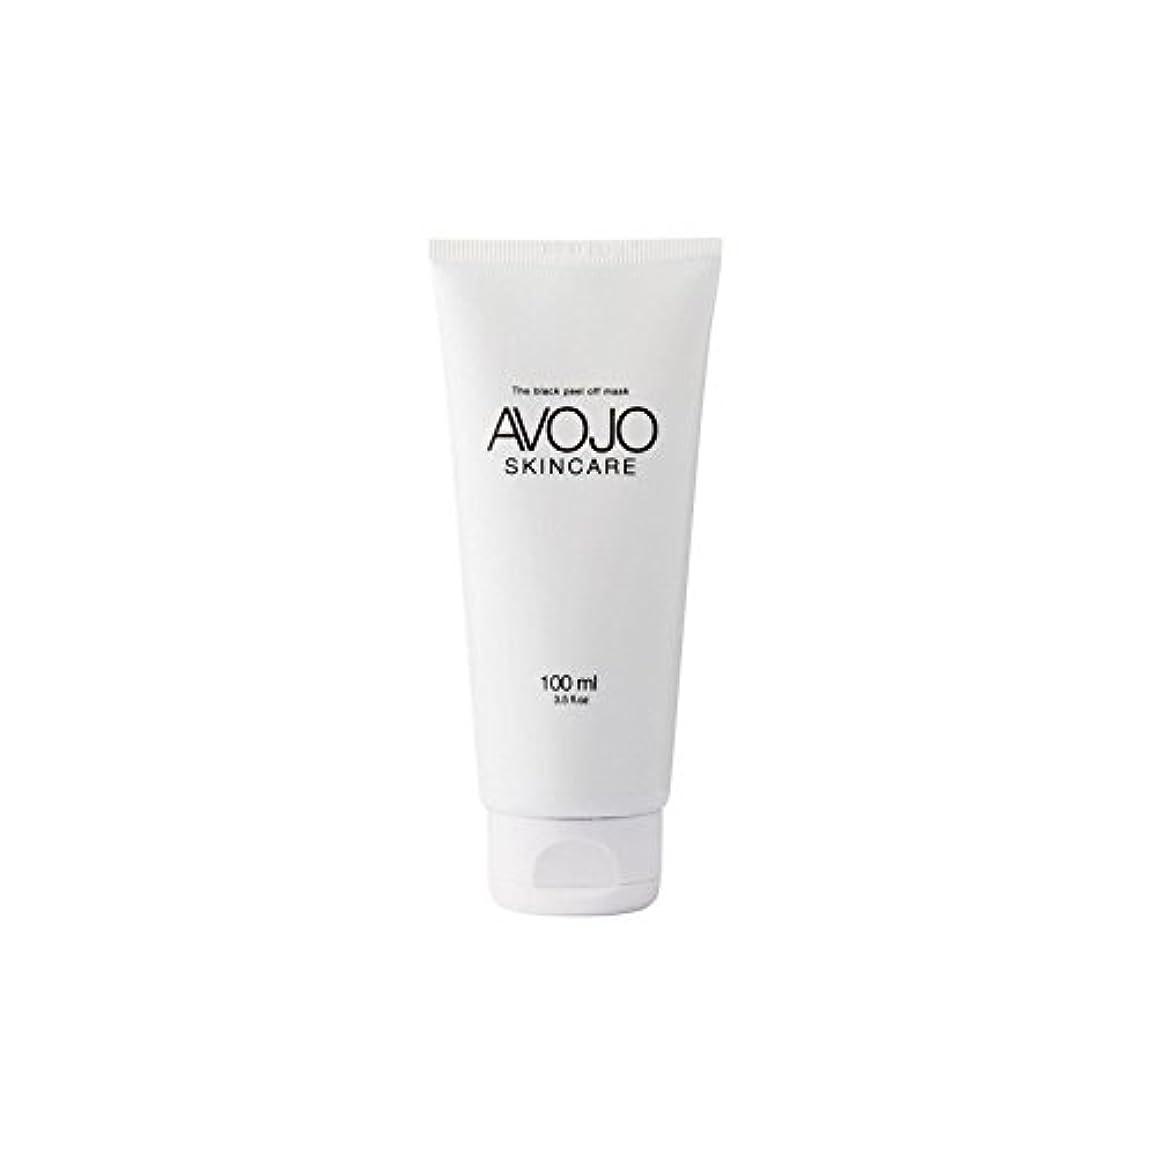 汚物ハーフフラフープ- 黒皮オフマスク - (ボトル100ミリリットル) x4 - Avojo - The Black Peel Off Mask - (Bottle 100ml) (Pack of 4) [並行輸入品]